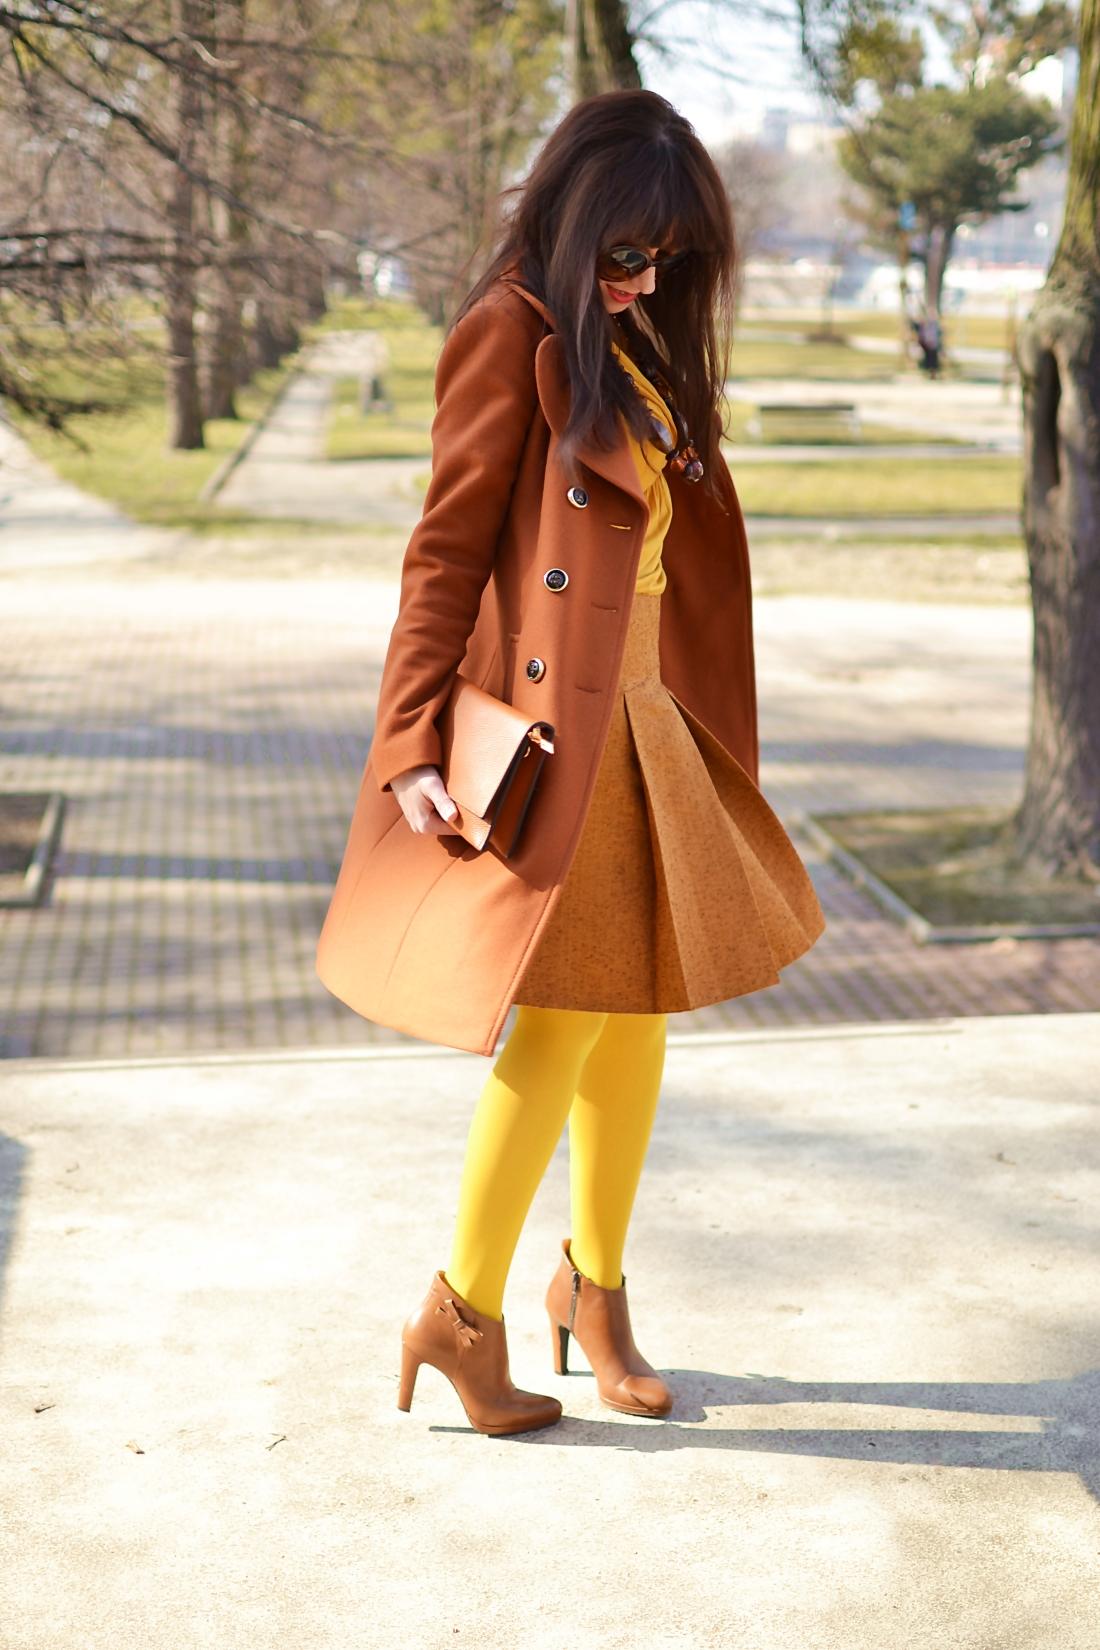 Založené 2014_Katharine-fashion is beautiful_blog 5_Dunajský pivovar_Žlté pančuchy_Hnedý kabát_Koňaková skladaná sukňa_Katarína Jakubčová_Fashion blogger_Outfit